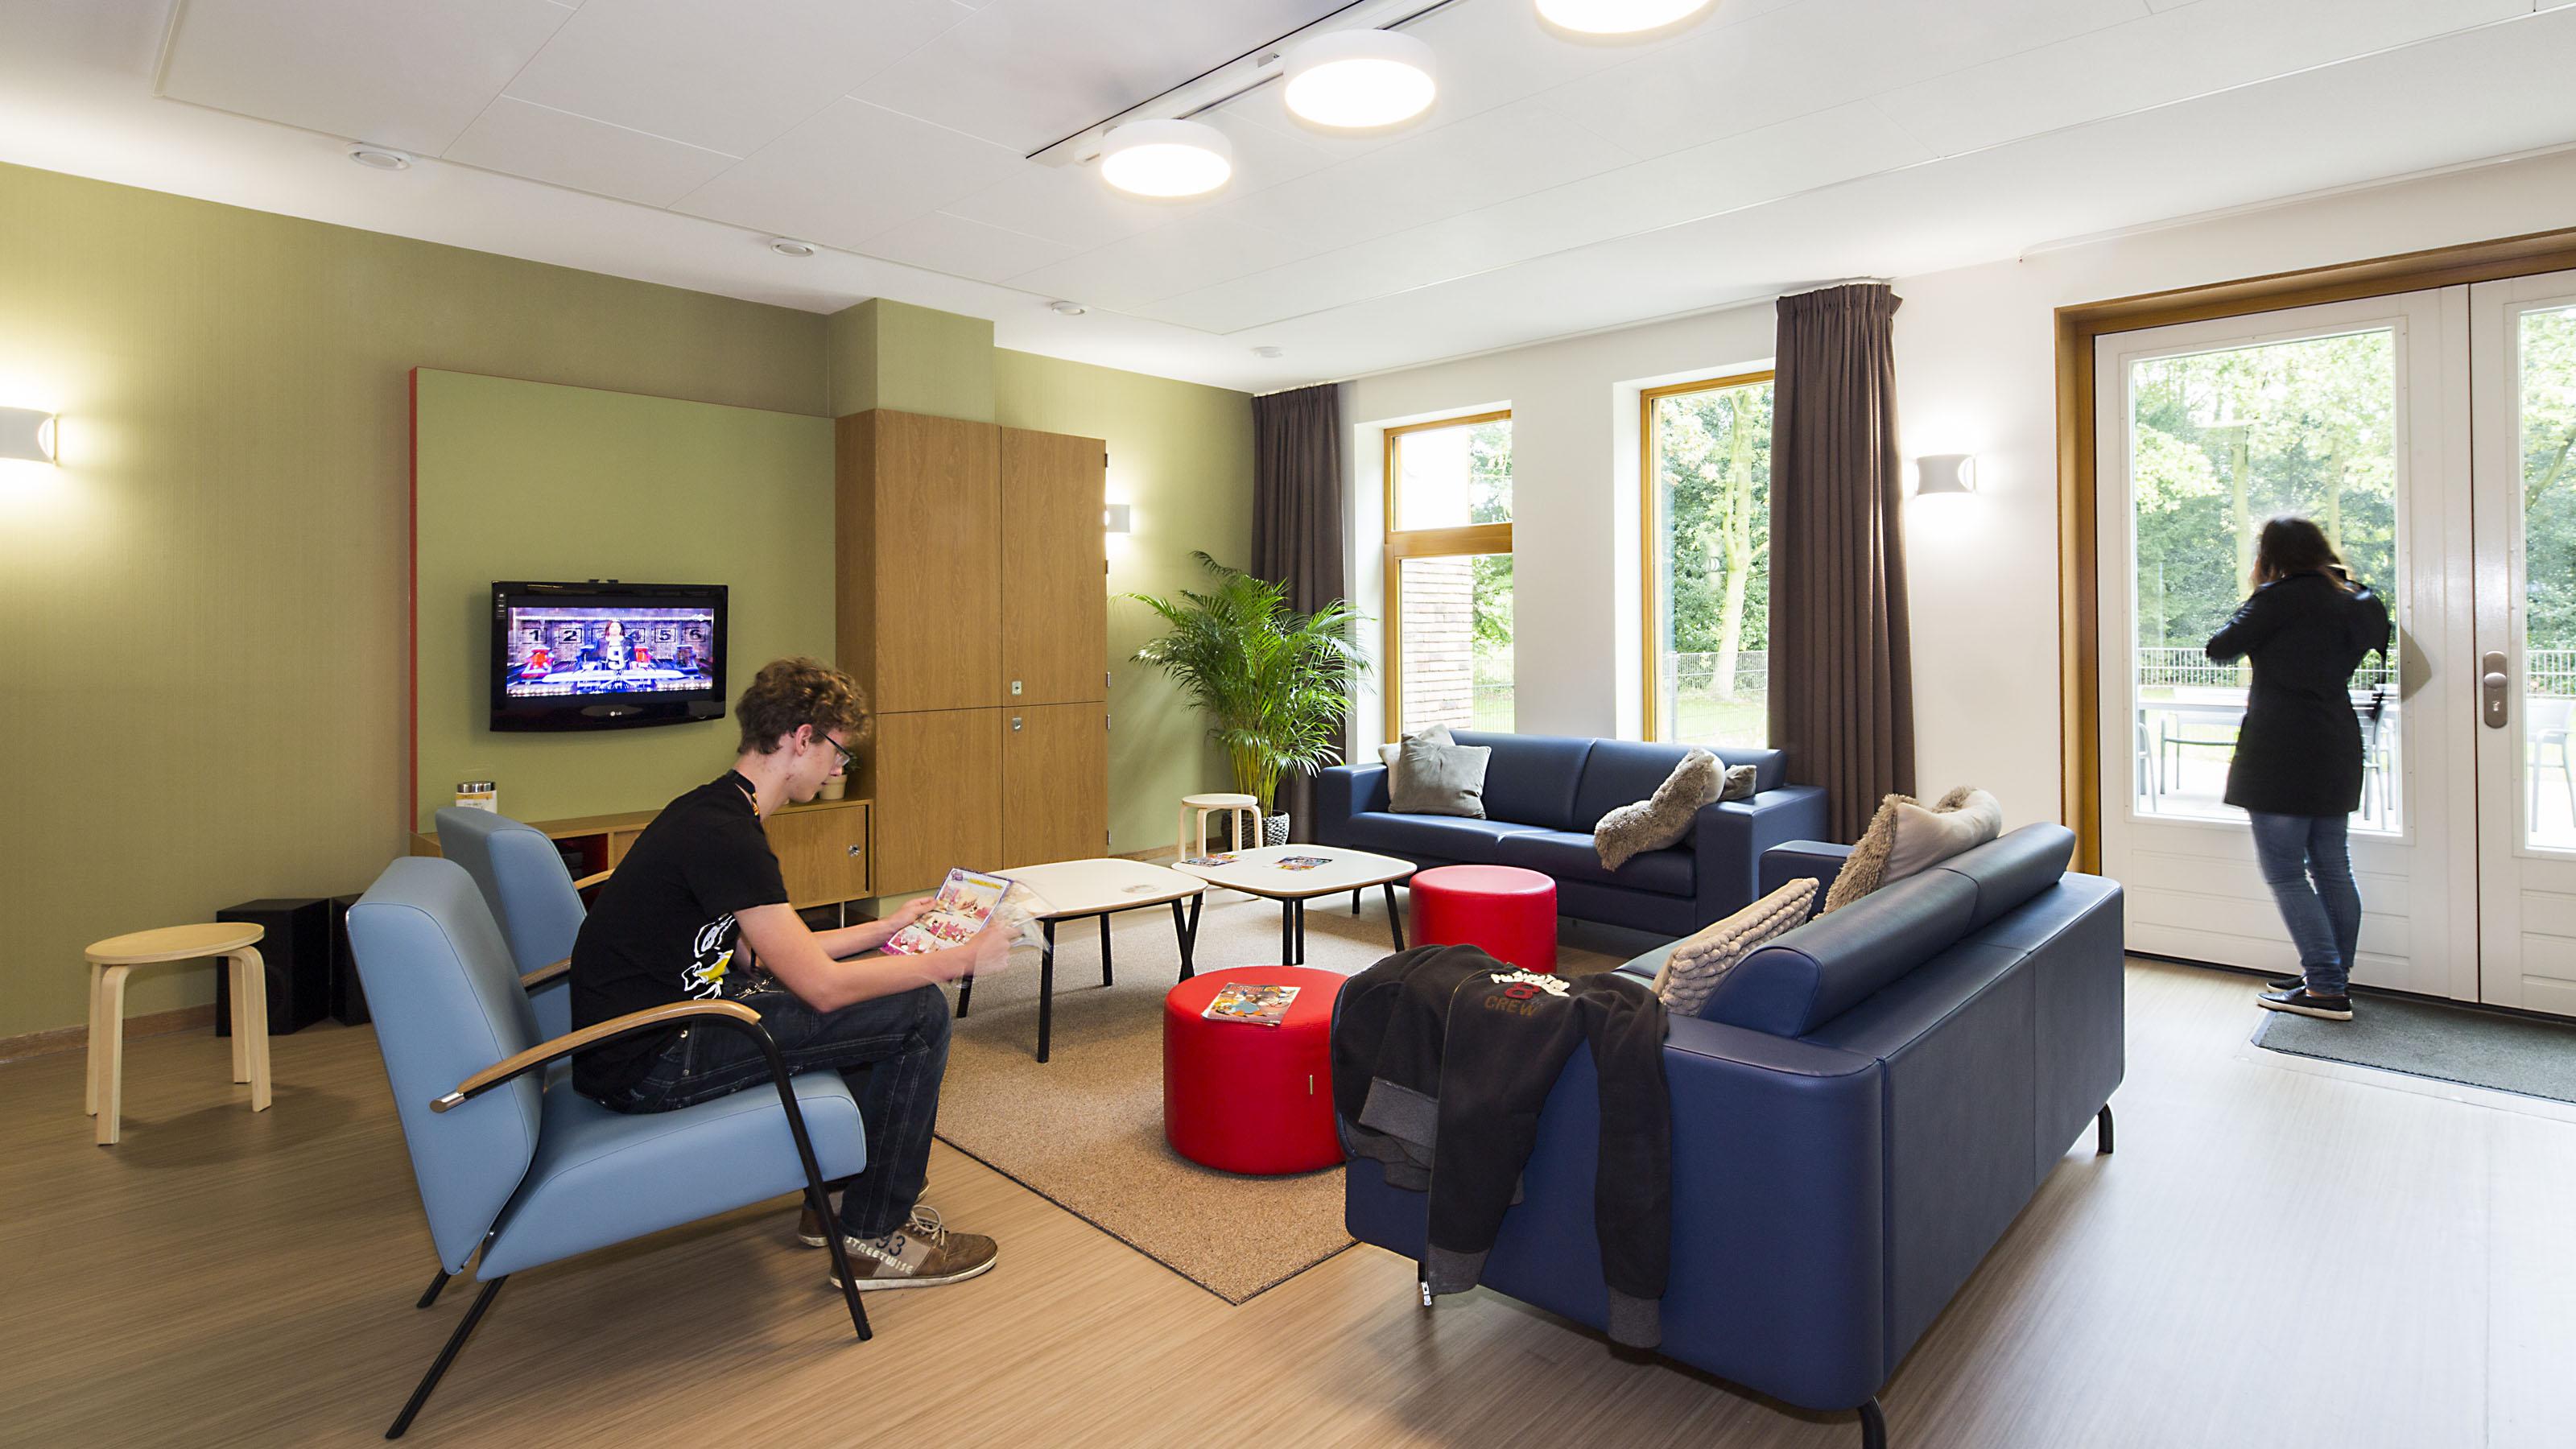 Herlaarhof Interieur   EGM architecten